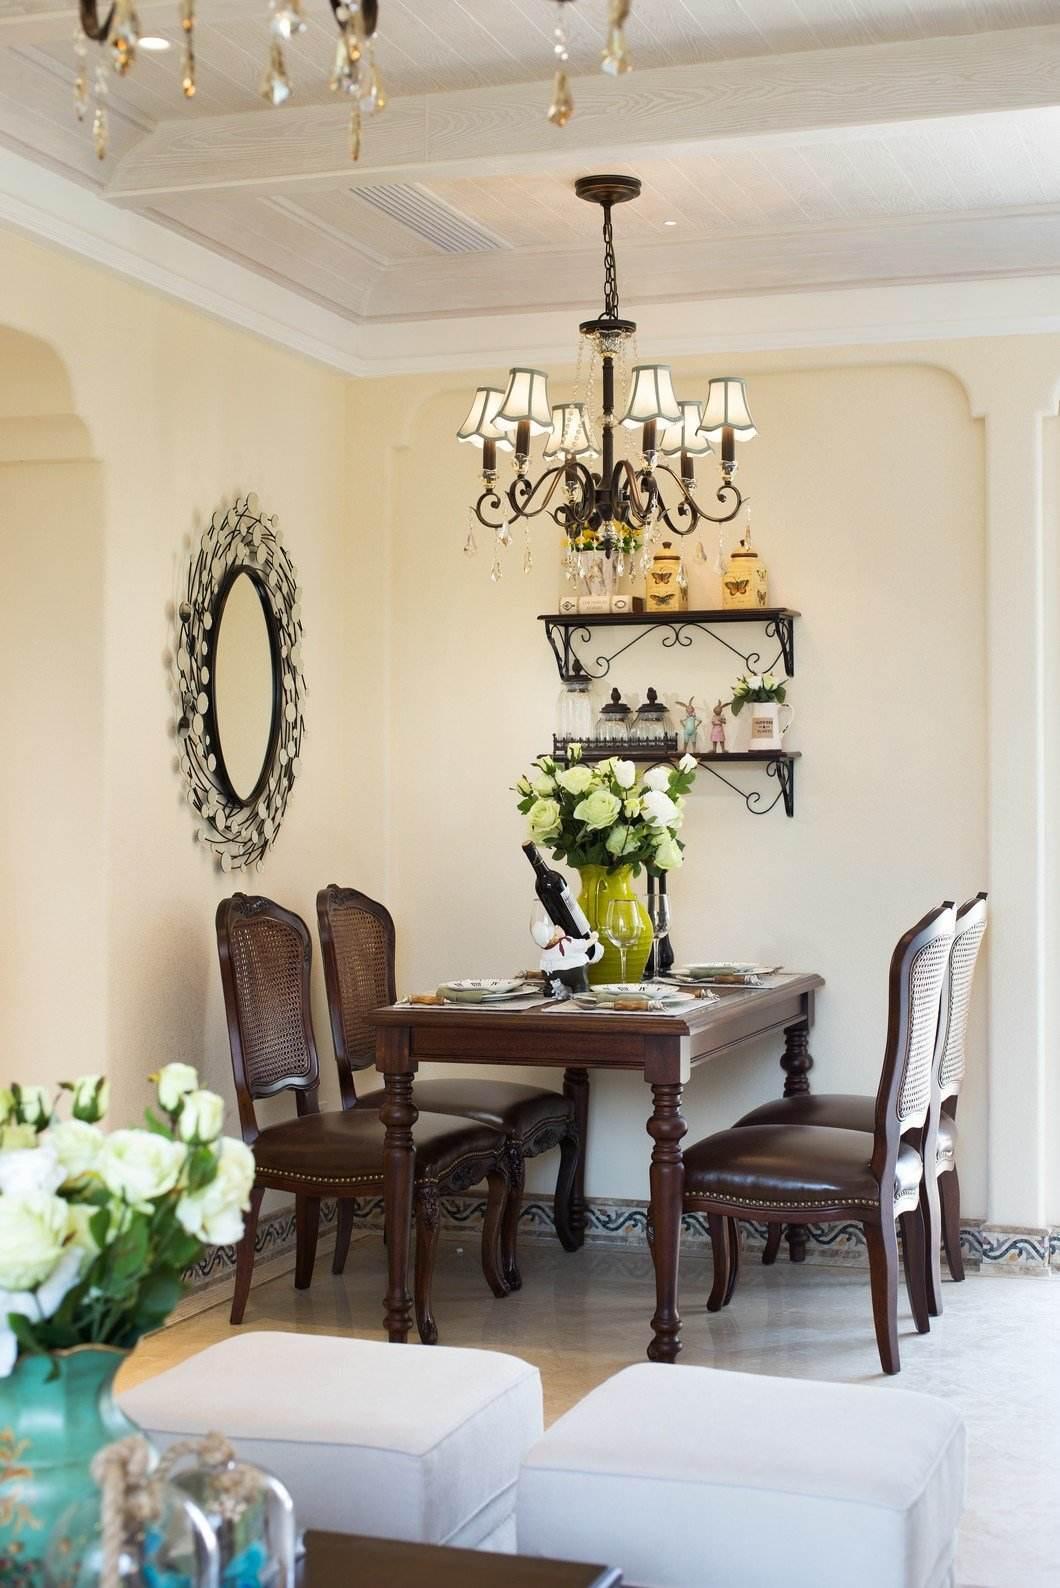 复古美式休闲家装餐厅装饰效果图